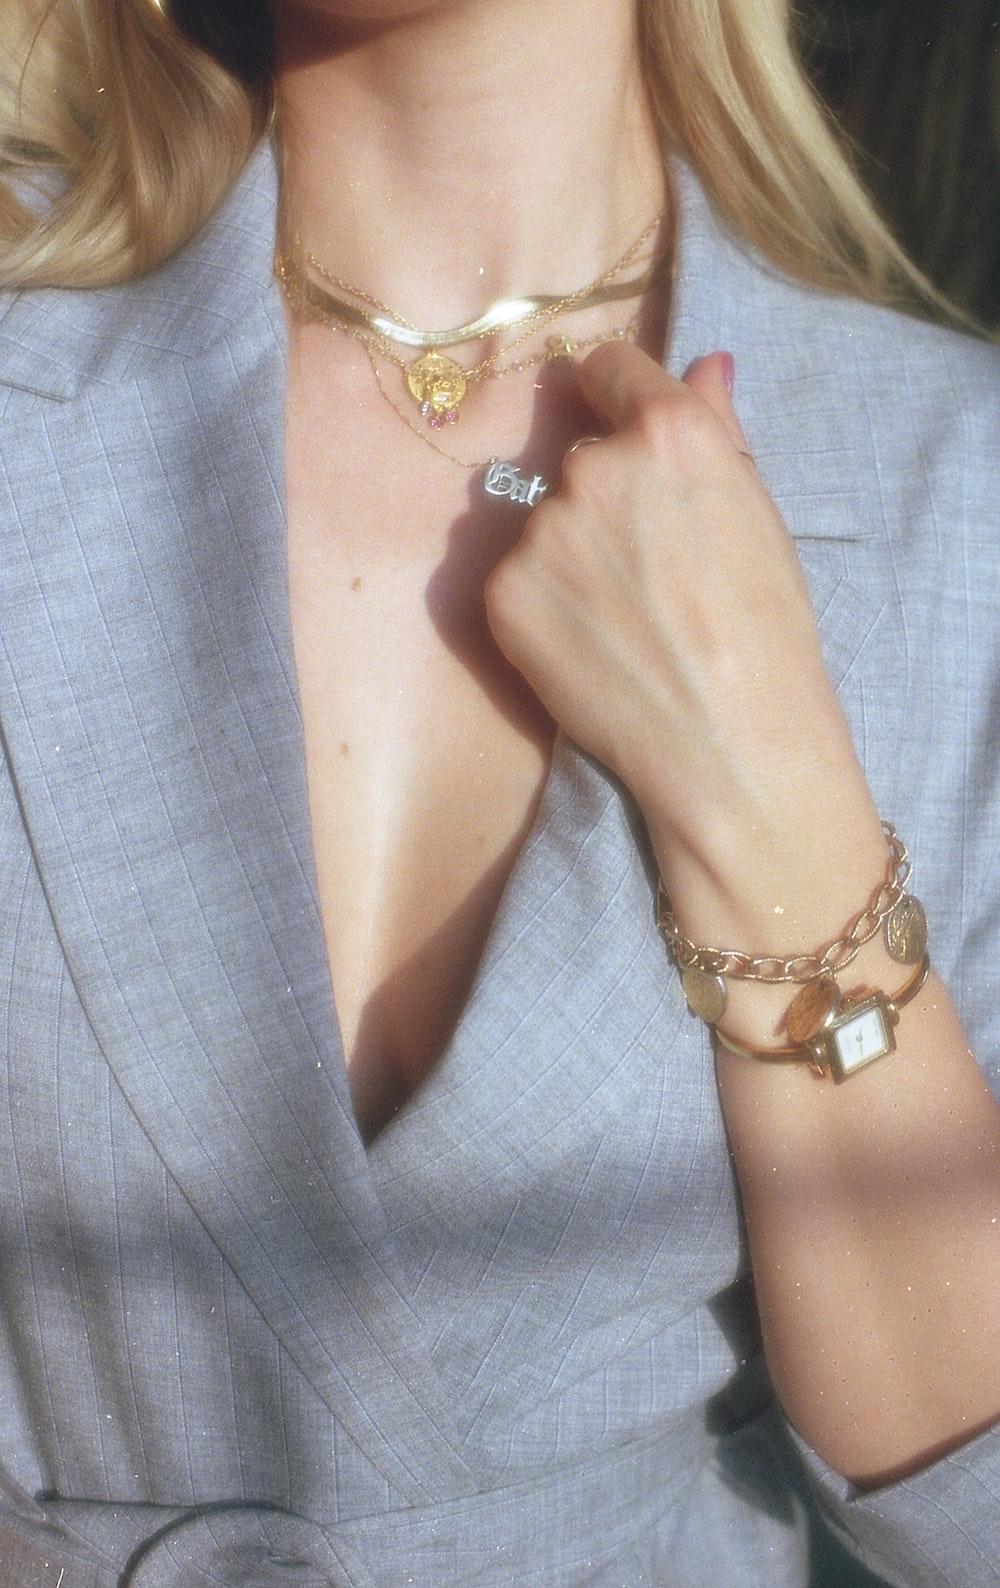 woman in gray blazer wearing gold bracelet and gold bracelet